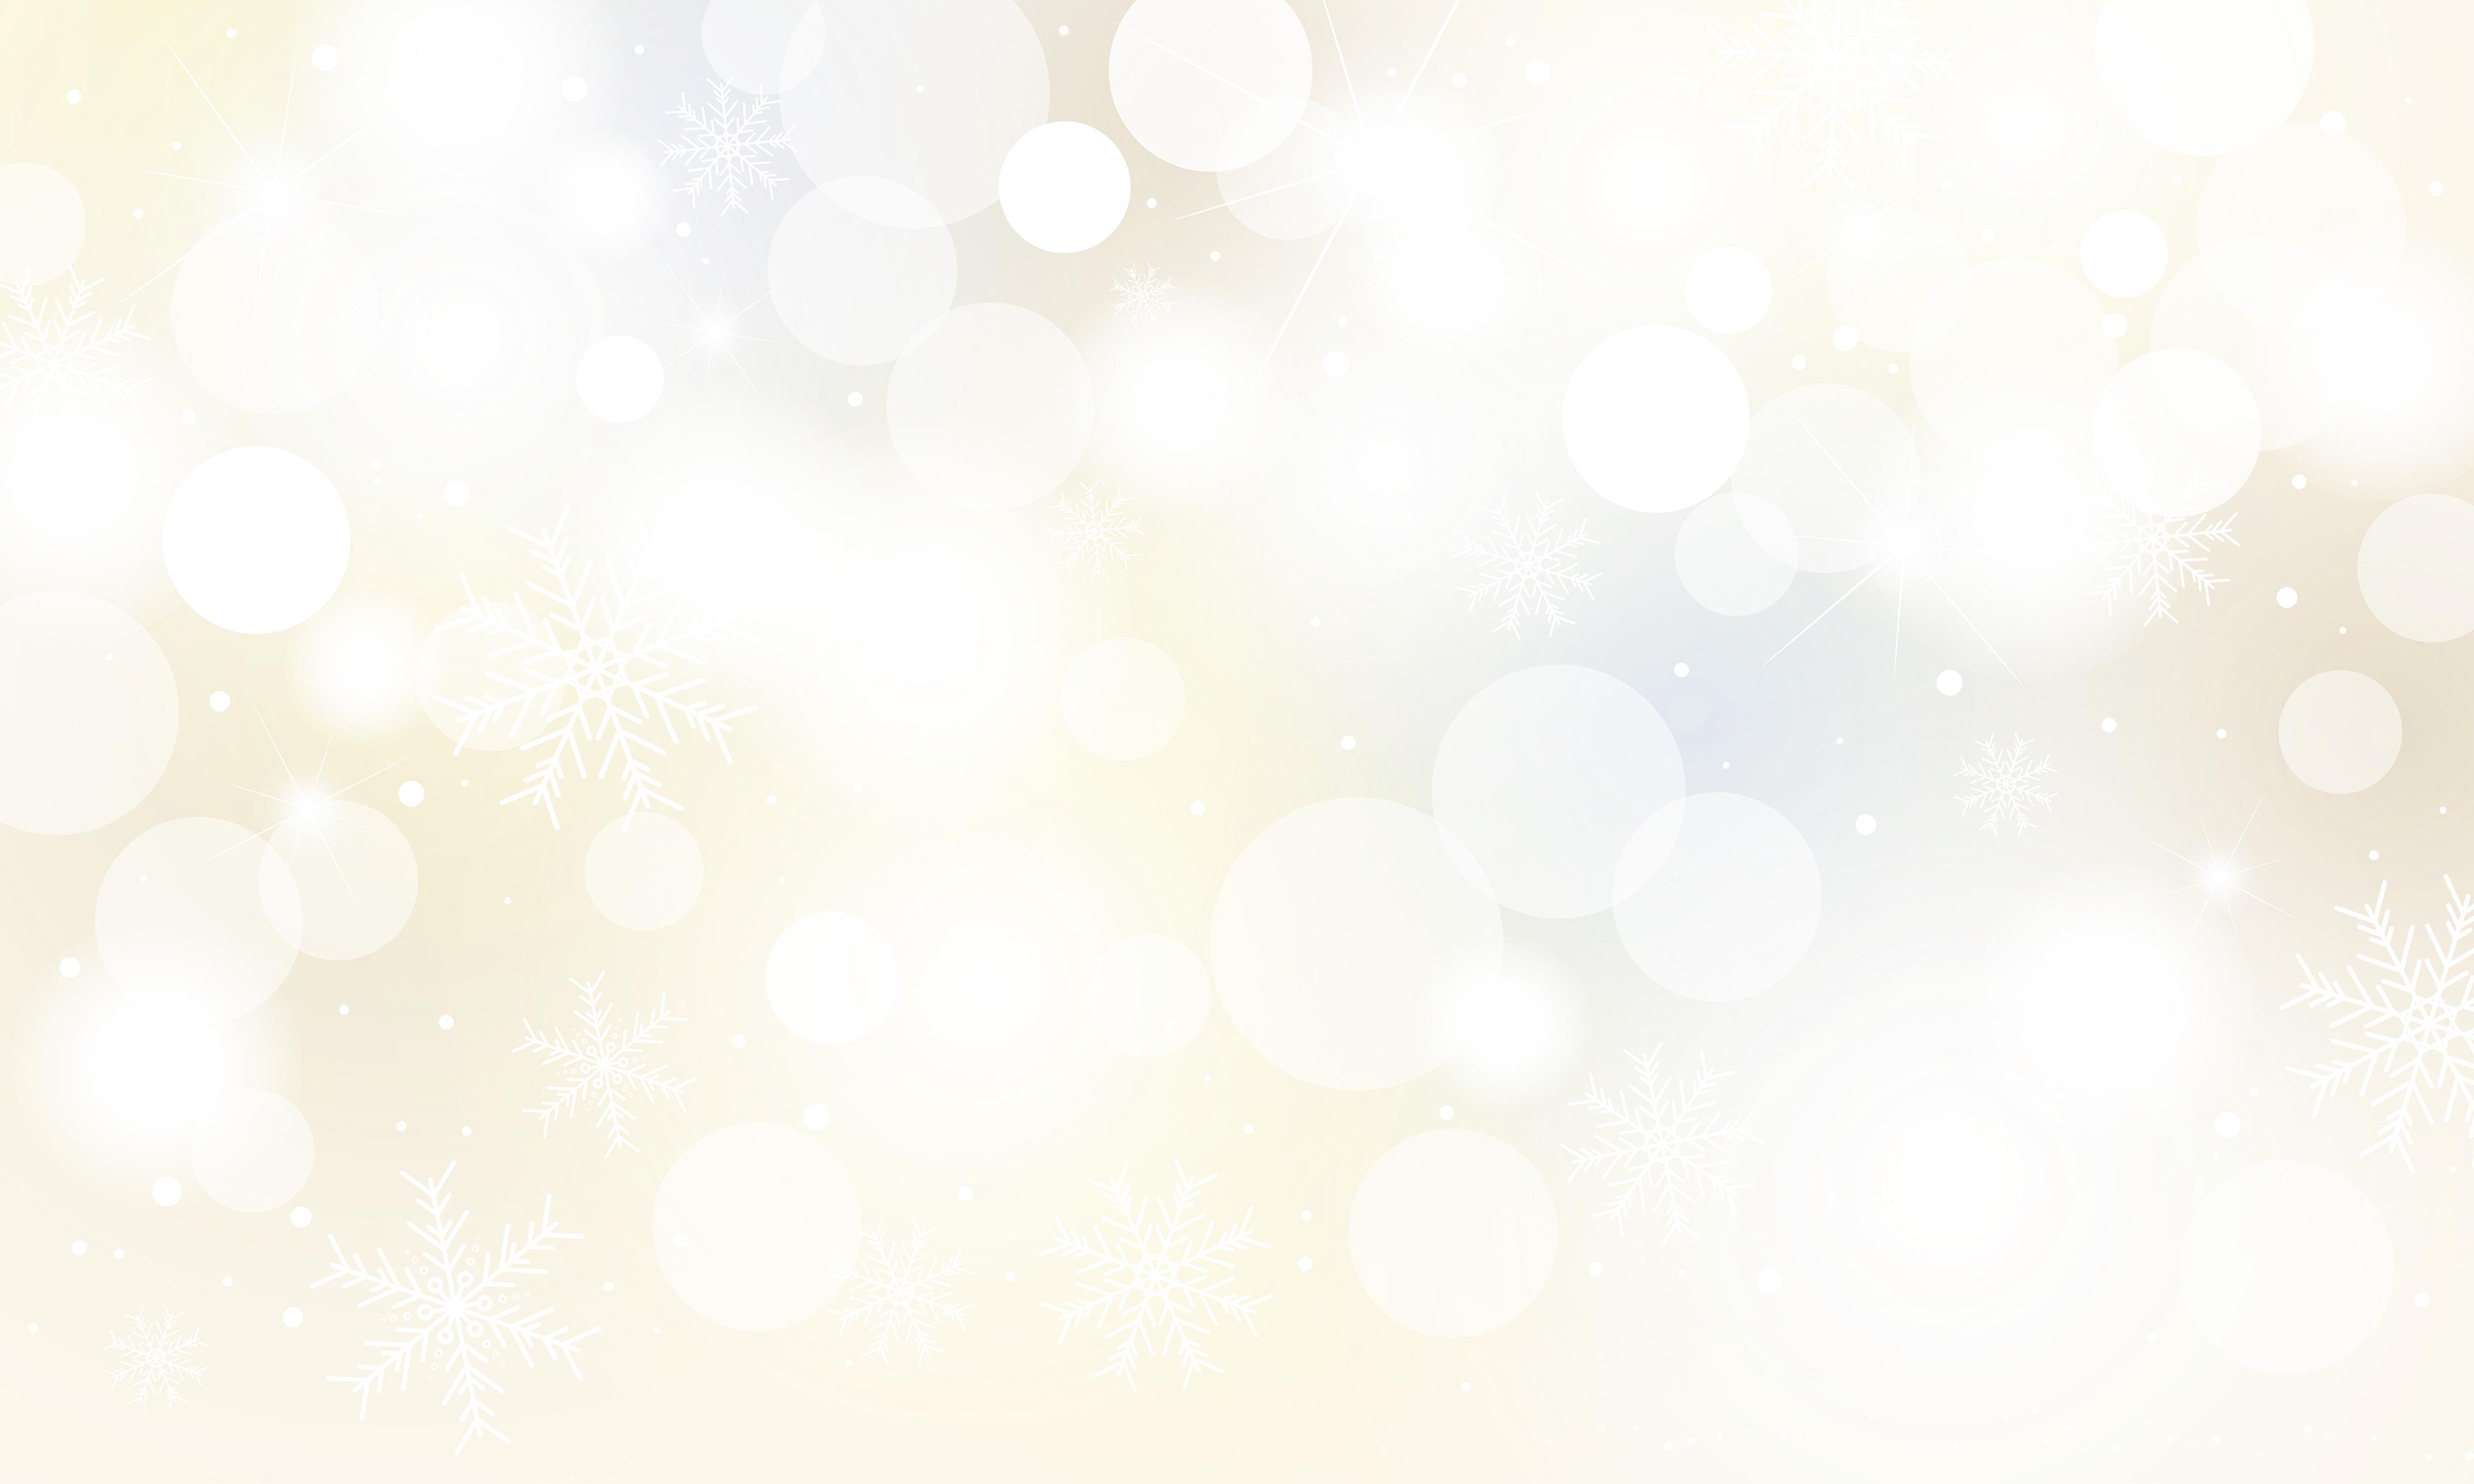 ER_HolidayLights-BG